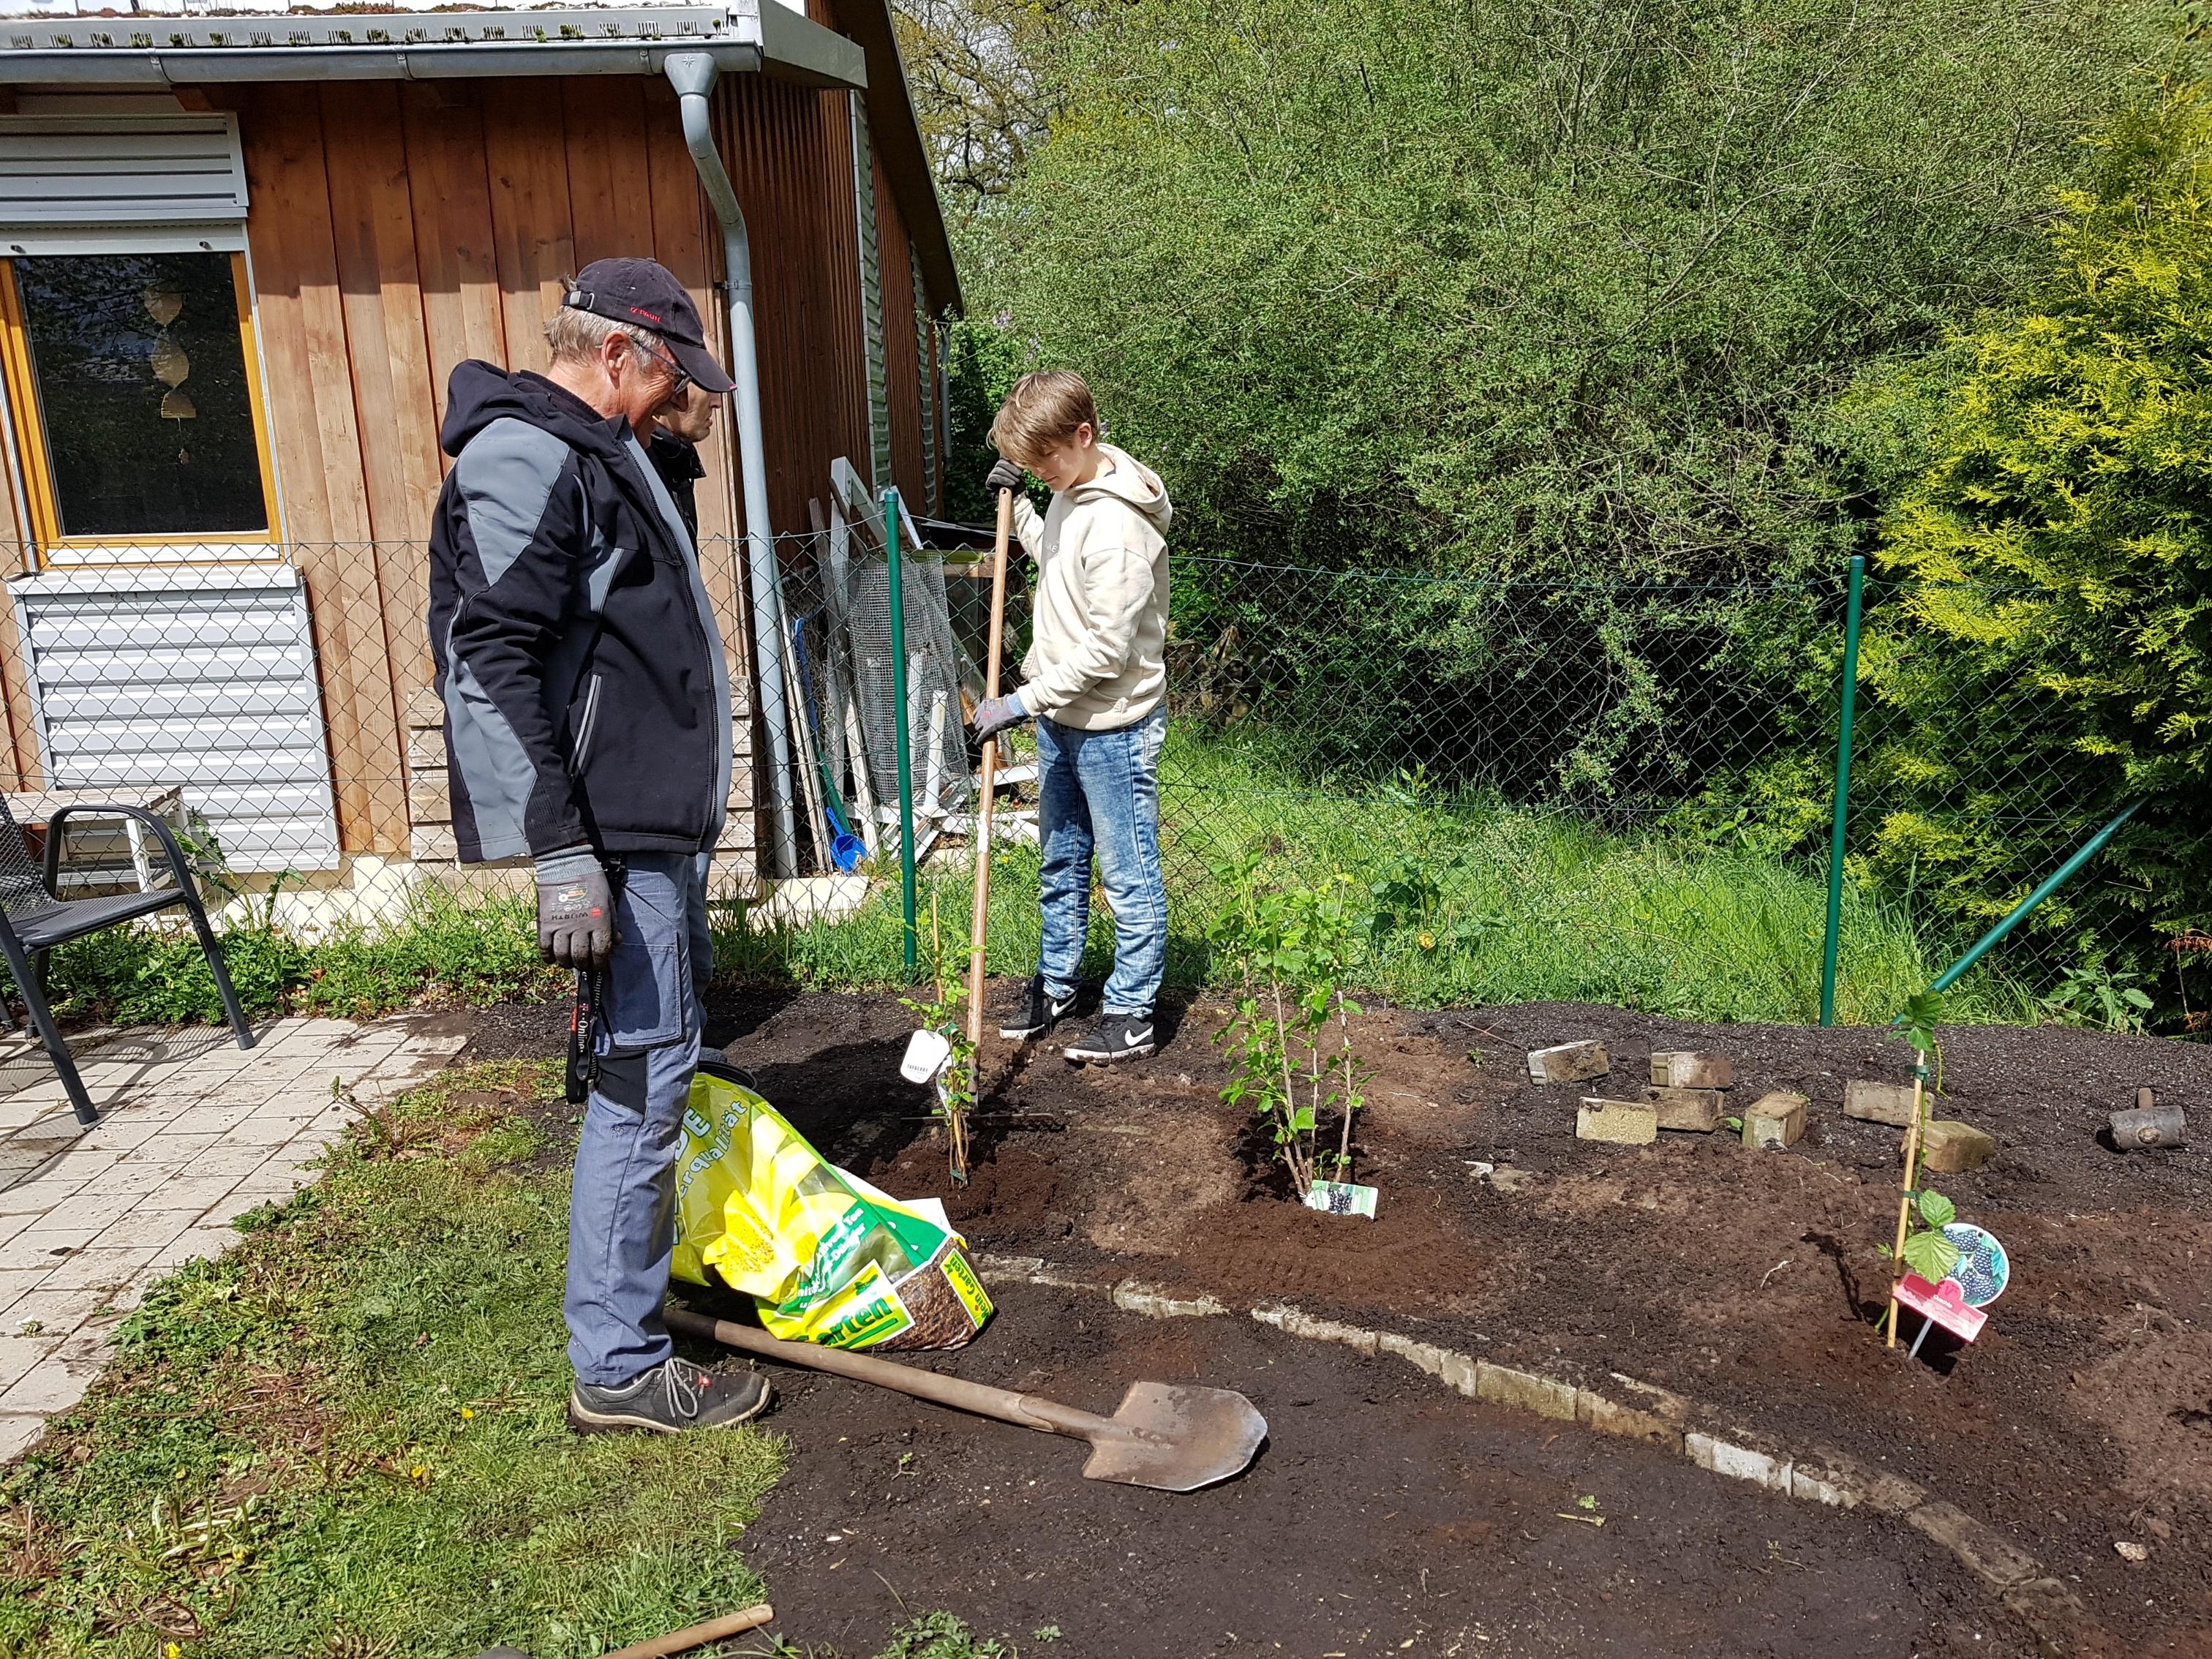 Beeren-starkes Engagement! St.-Otto-Firmlinge brachten, gemeinsam mit zwei ehrenamtlichen Helfern, den Wohnheim-Garten zum erblühen.